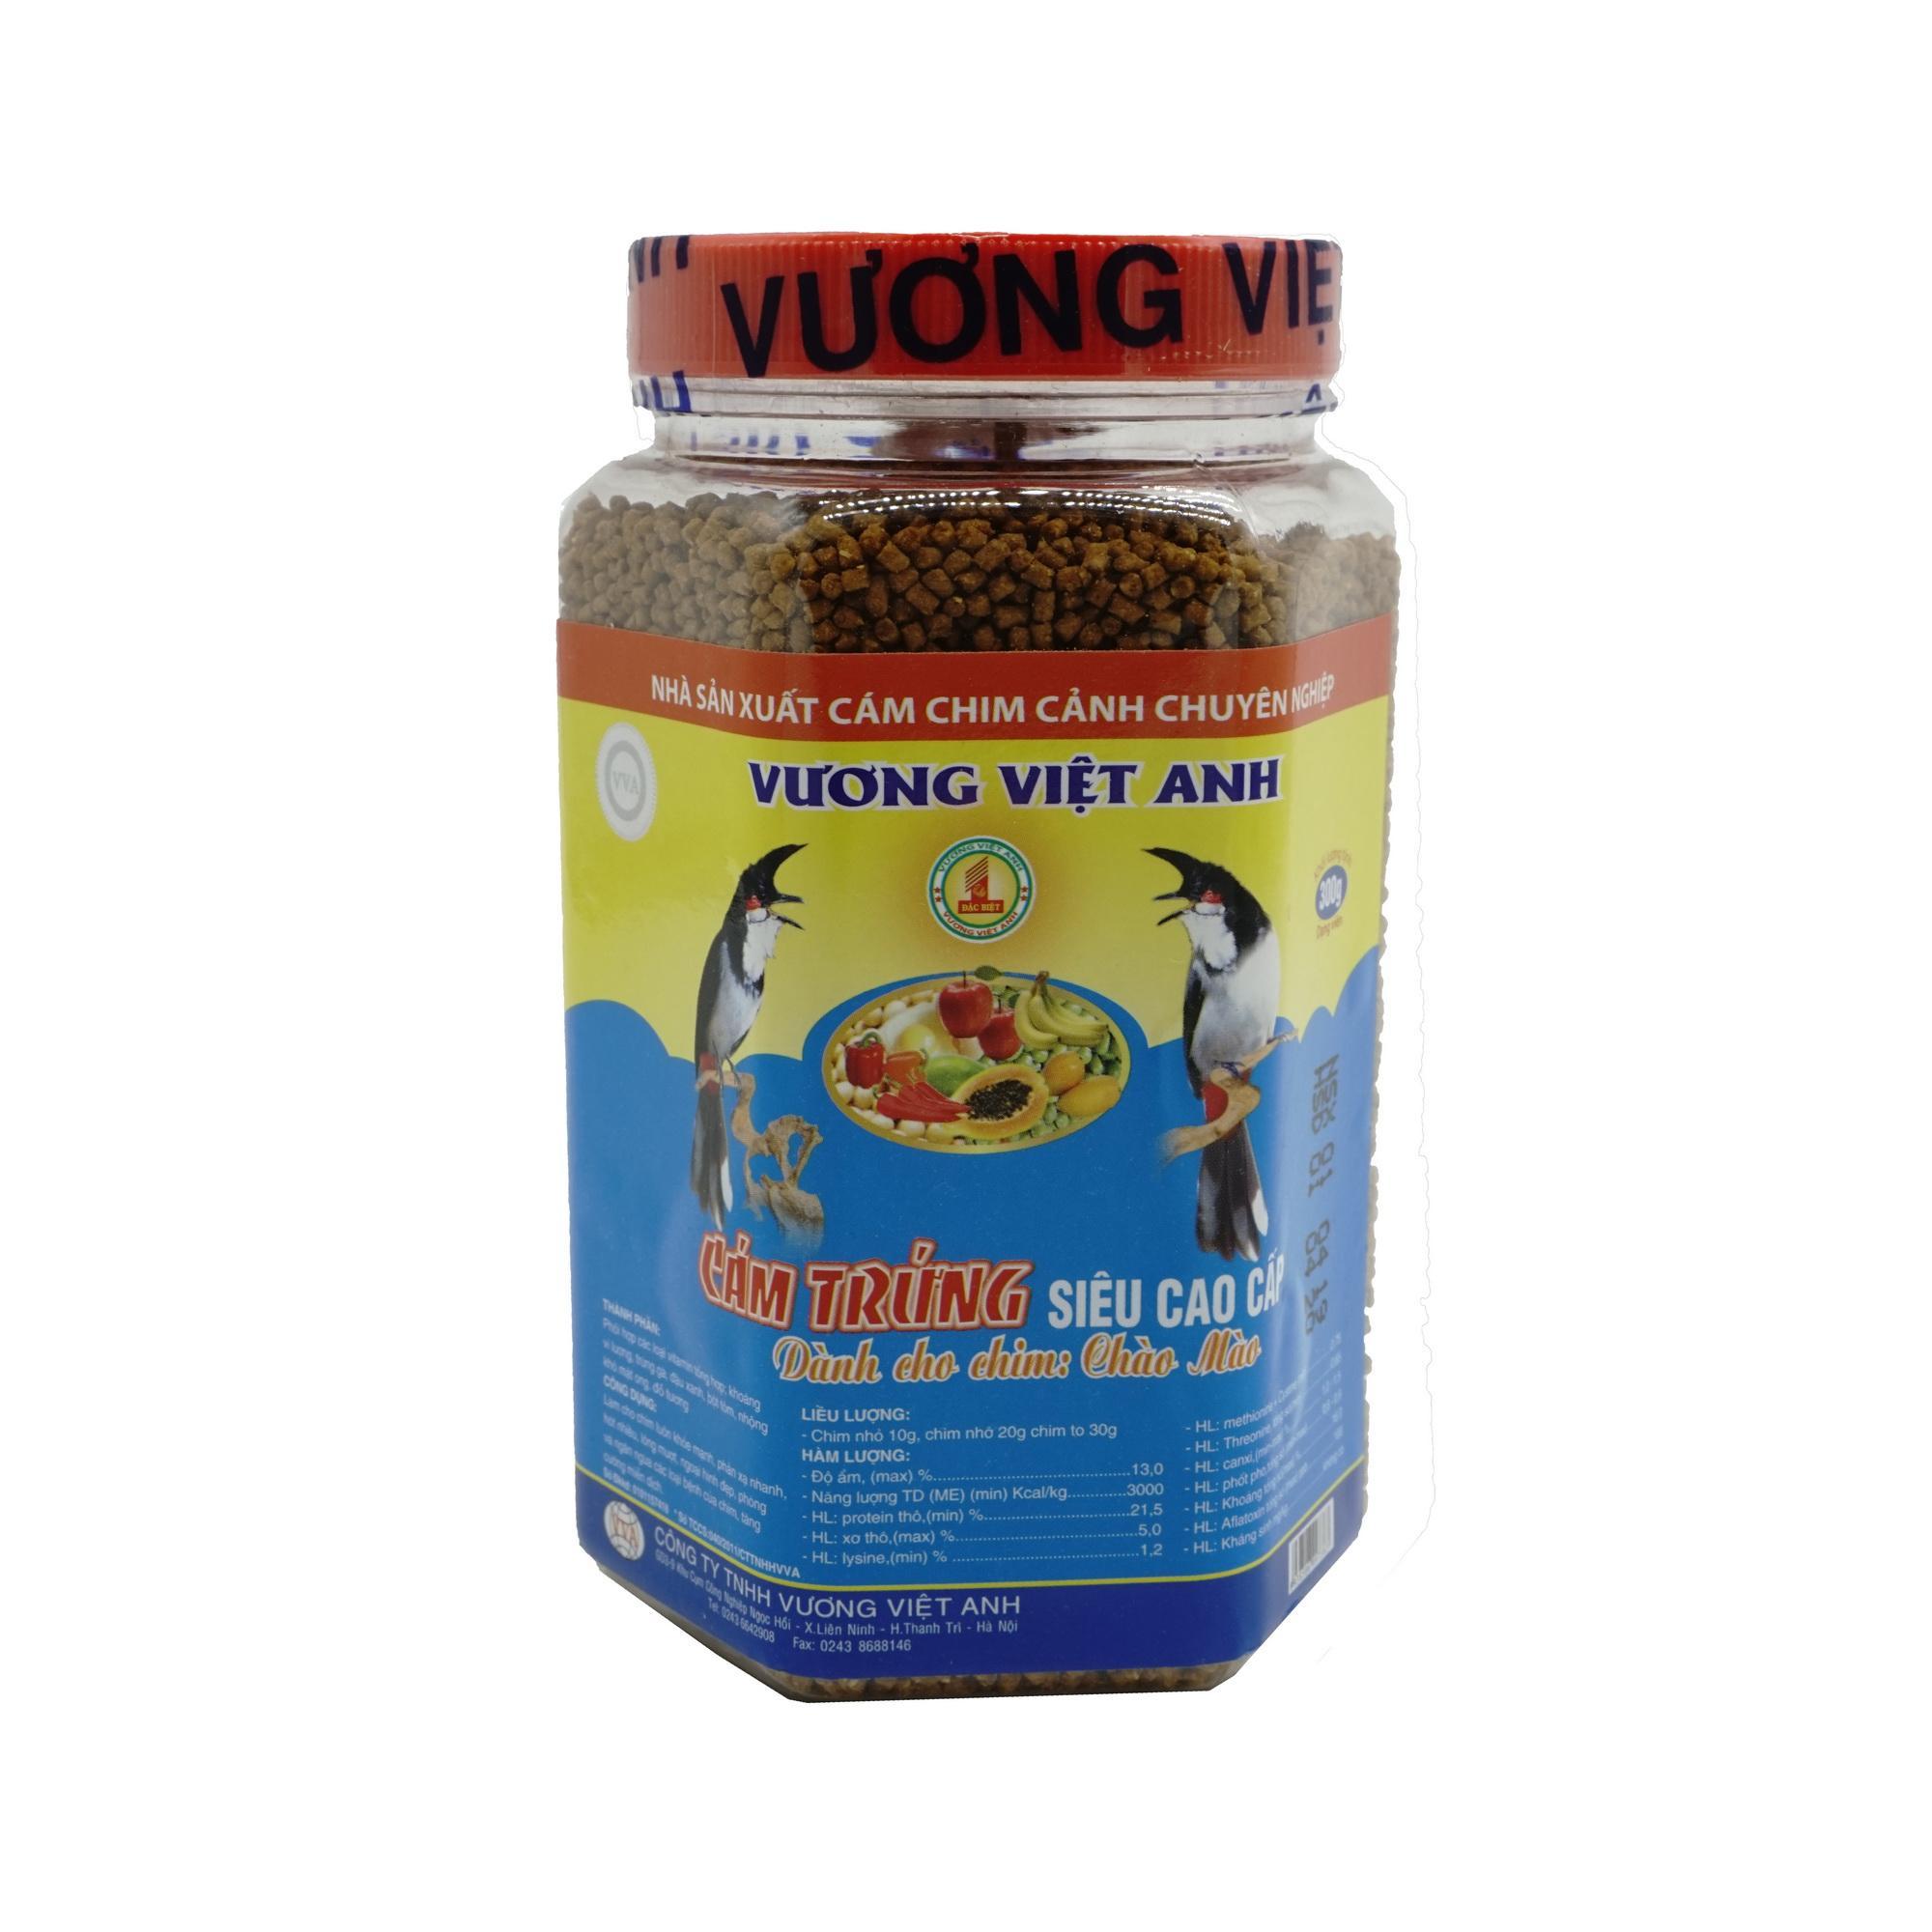 Cám trứng cao cấp dành cho chim chào mào VVA 300g